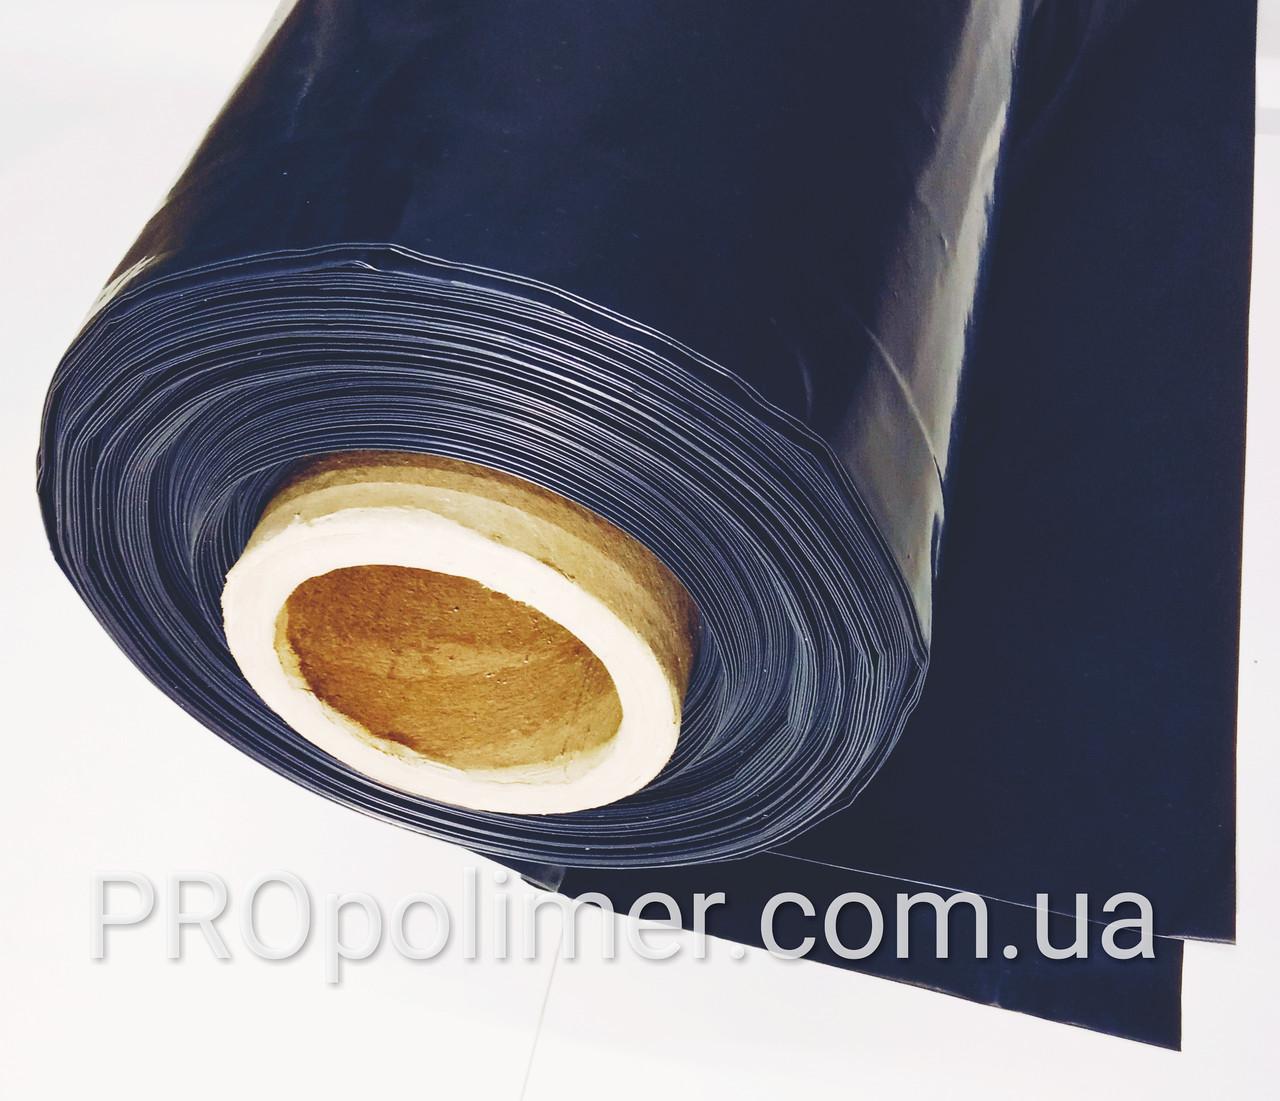 Пленка полиэтиленовая строительная черная, плотность 120 мкм